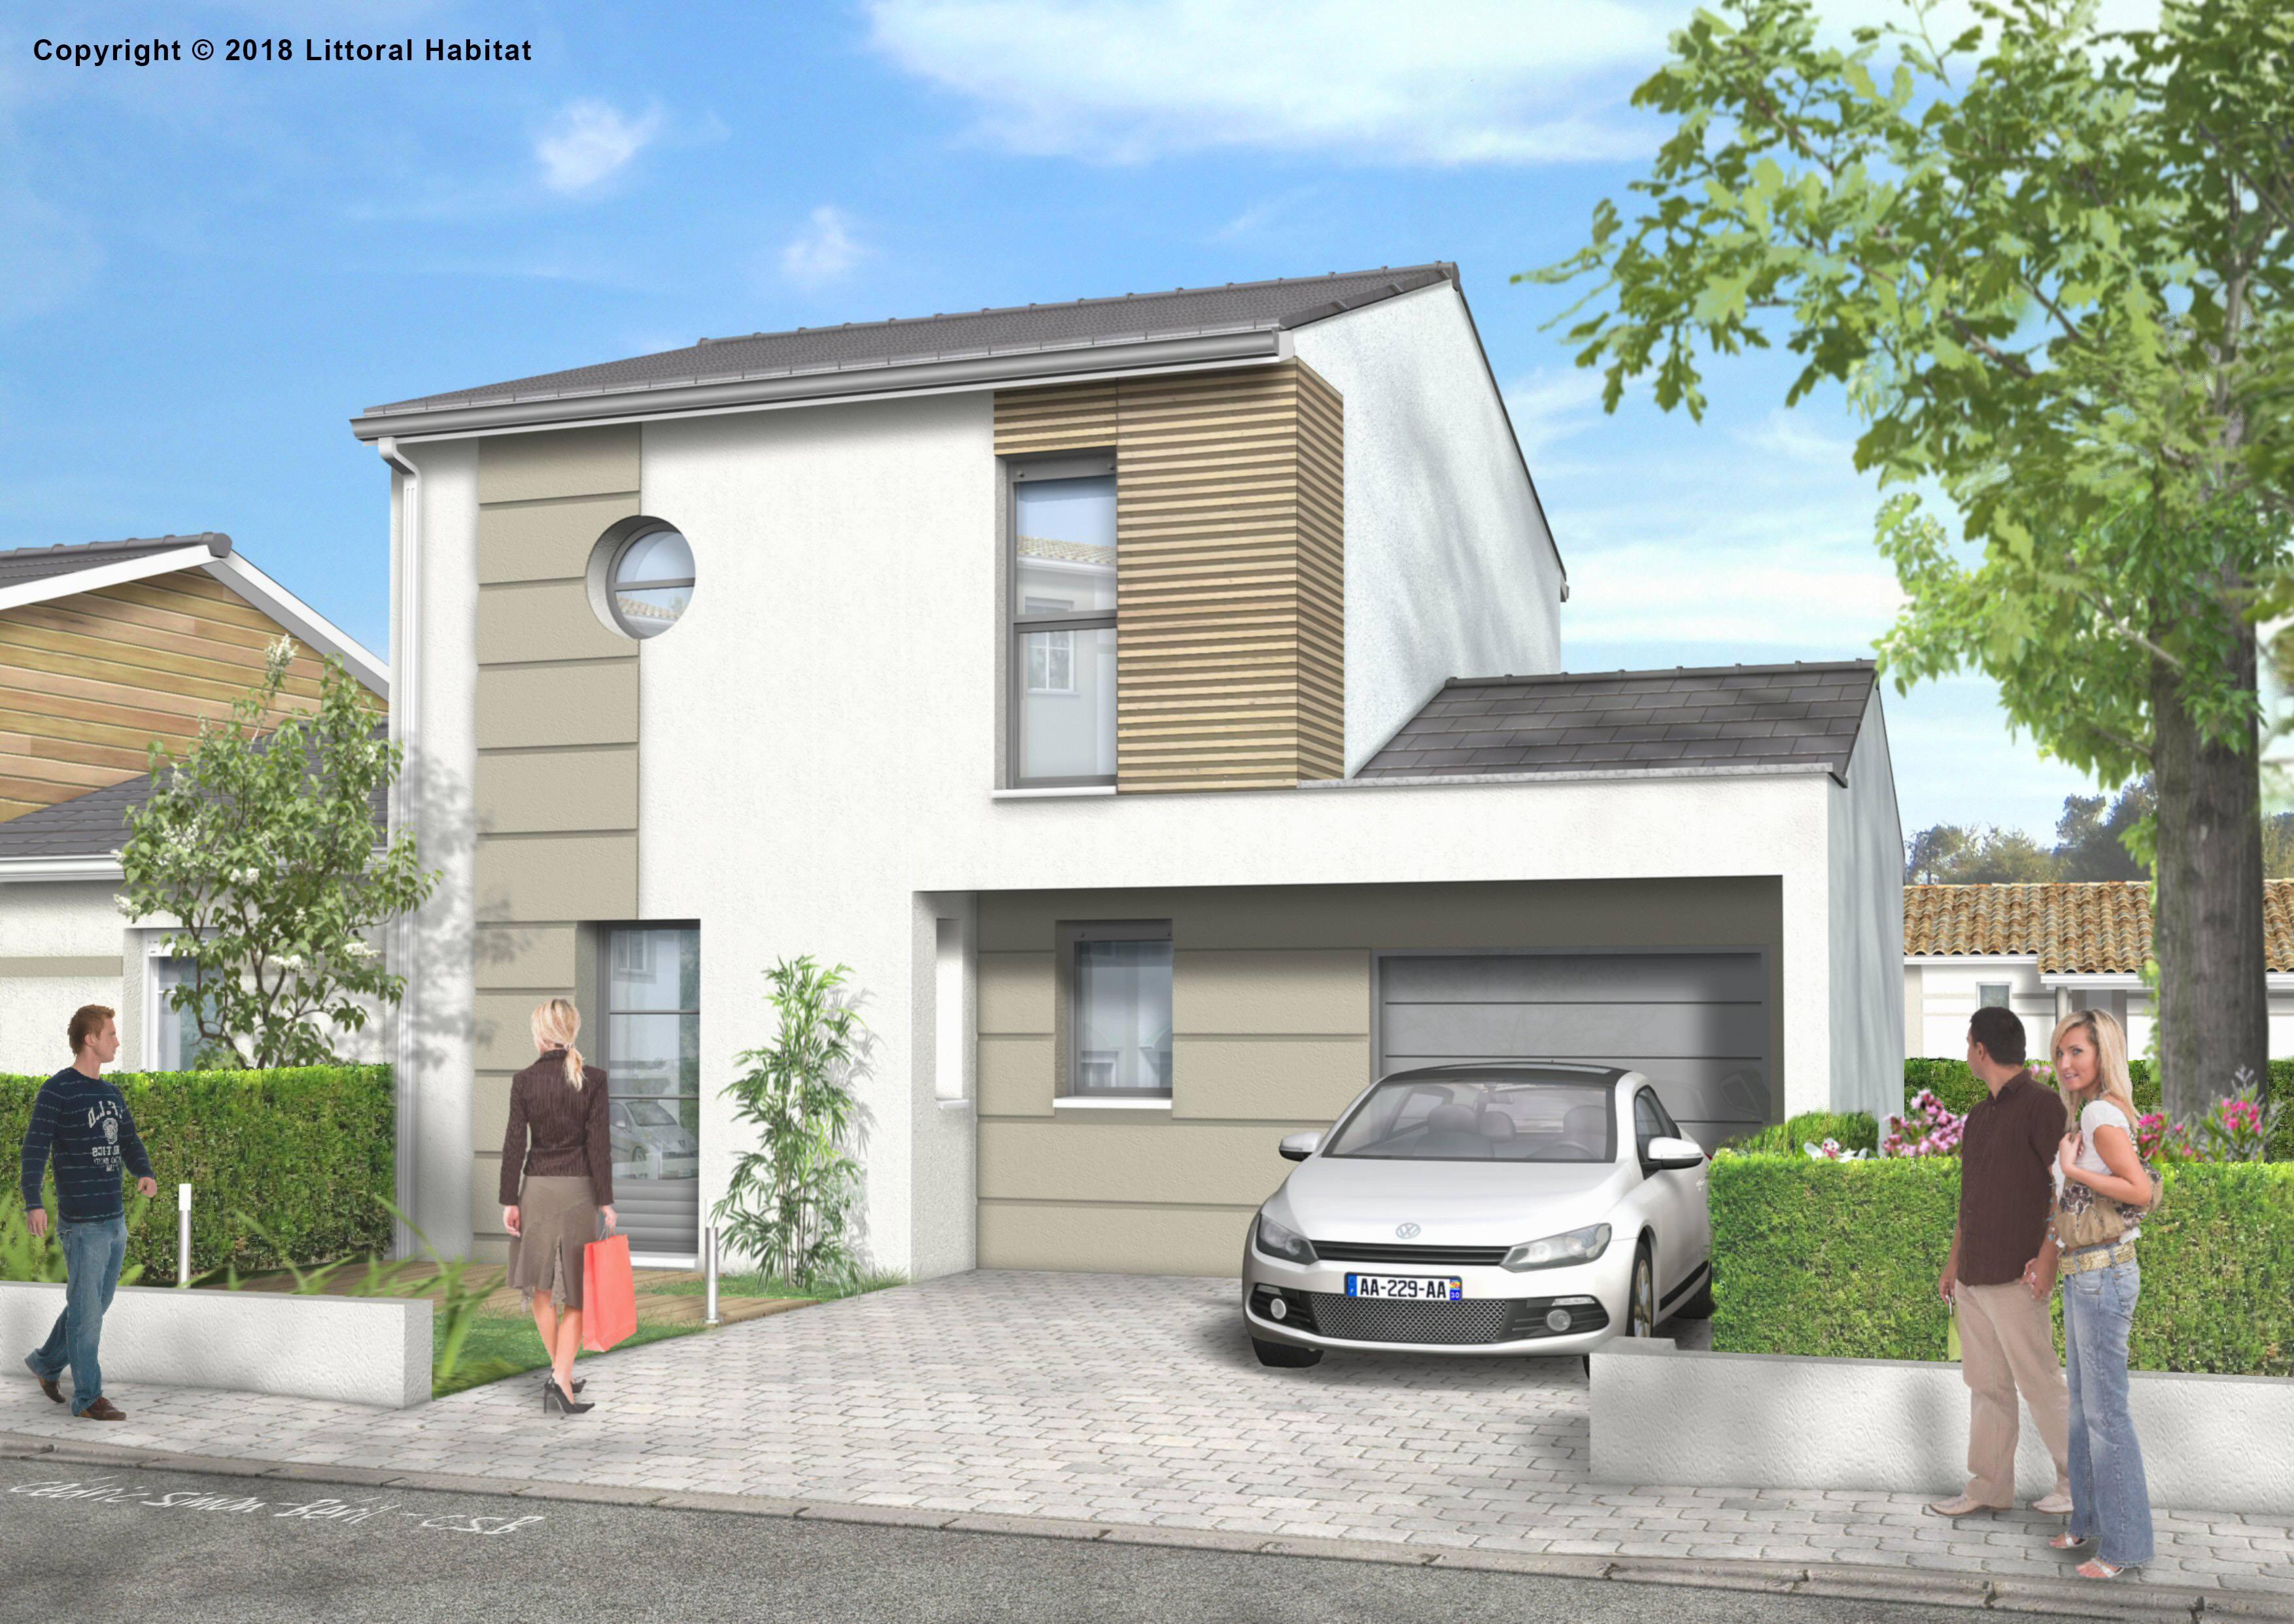 Maisons + Terrains du constructeur LITTORAL HABITAT DAX • 78 m² • SAINT VINCENT DE TYROSSE